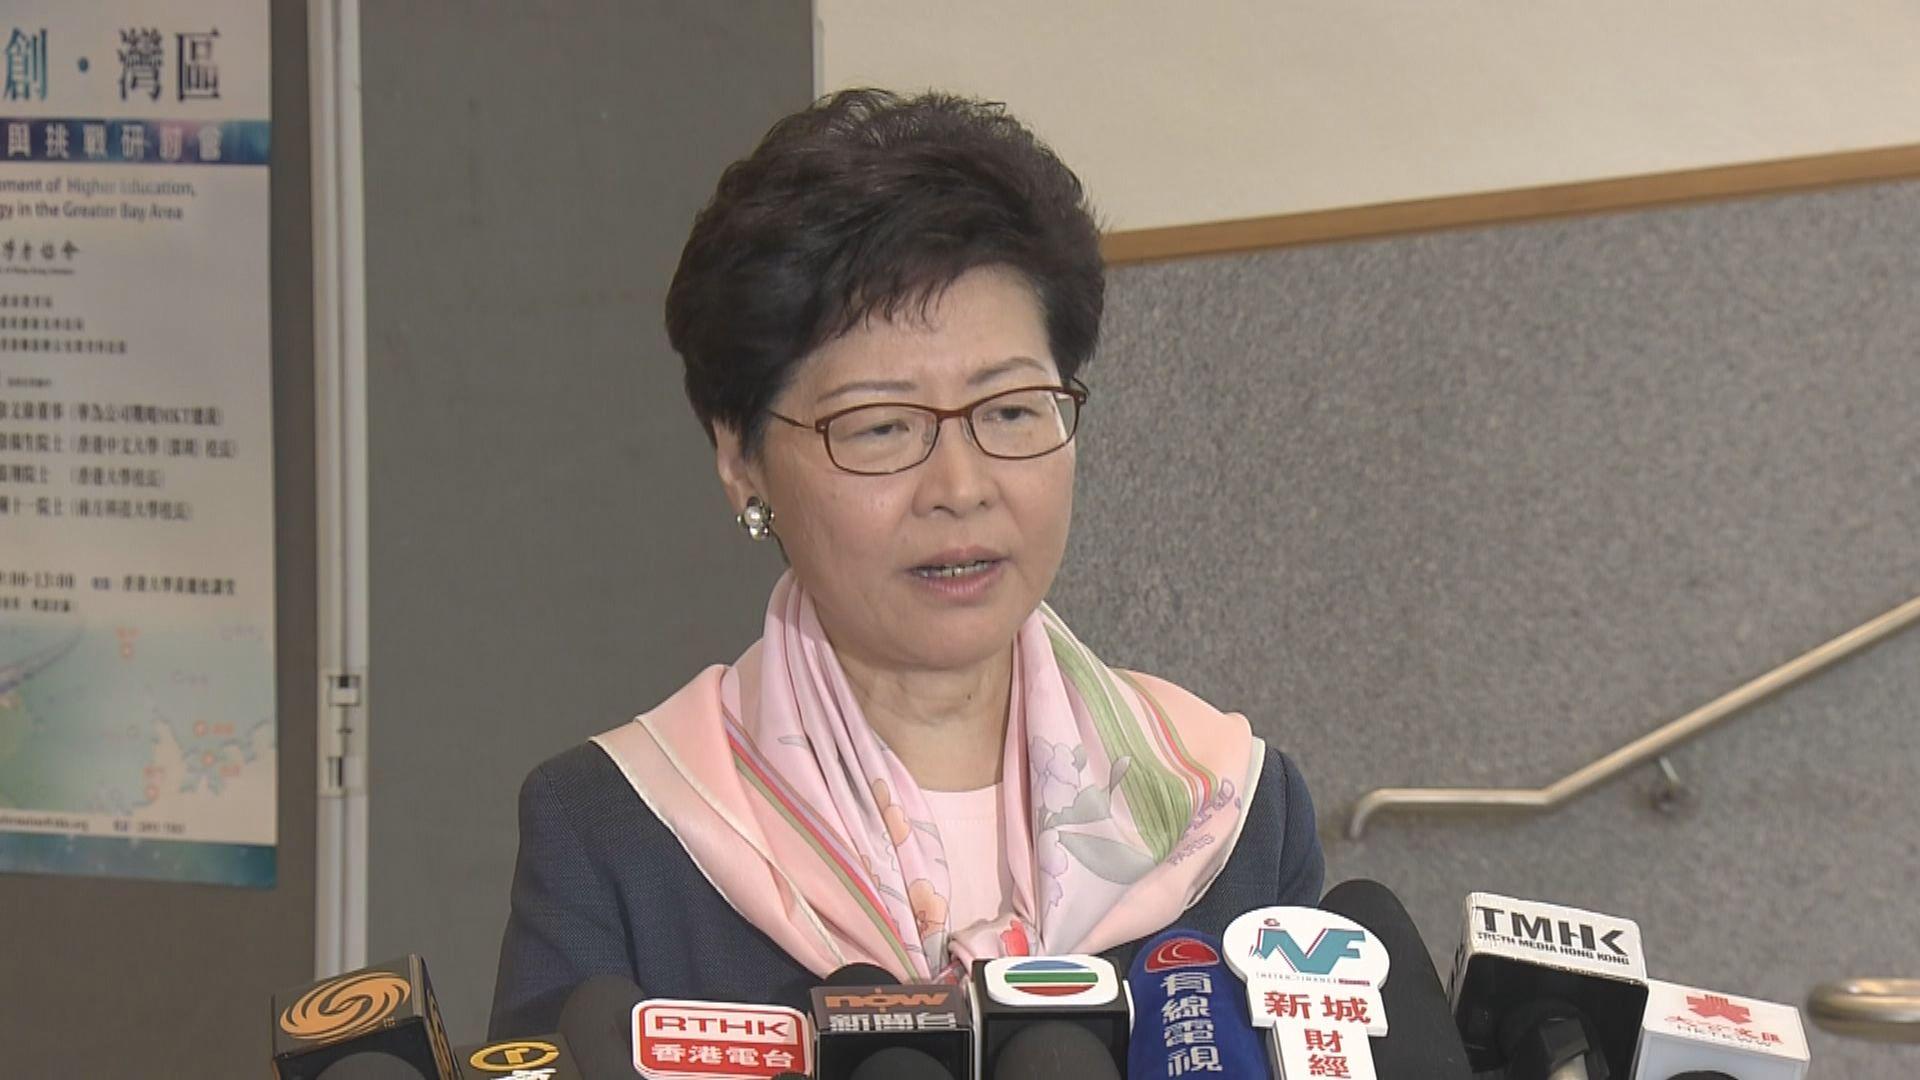 林鄭月娥指事件直接衝擊香港司法獨立